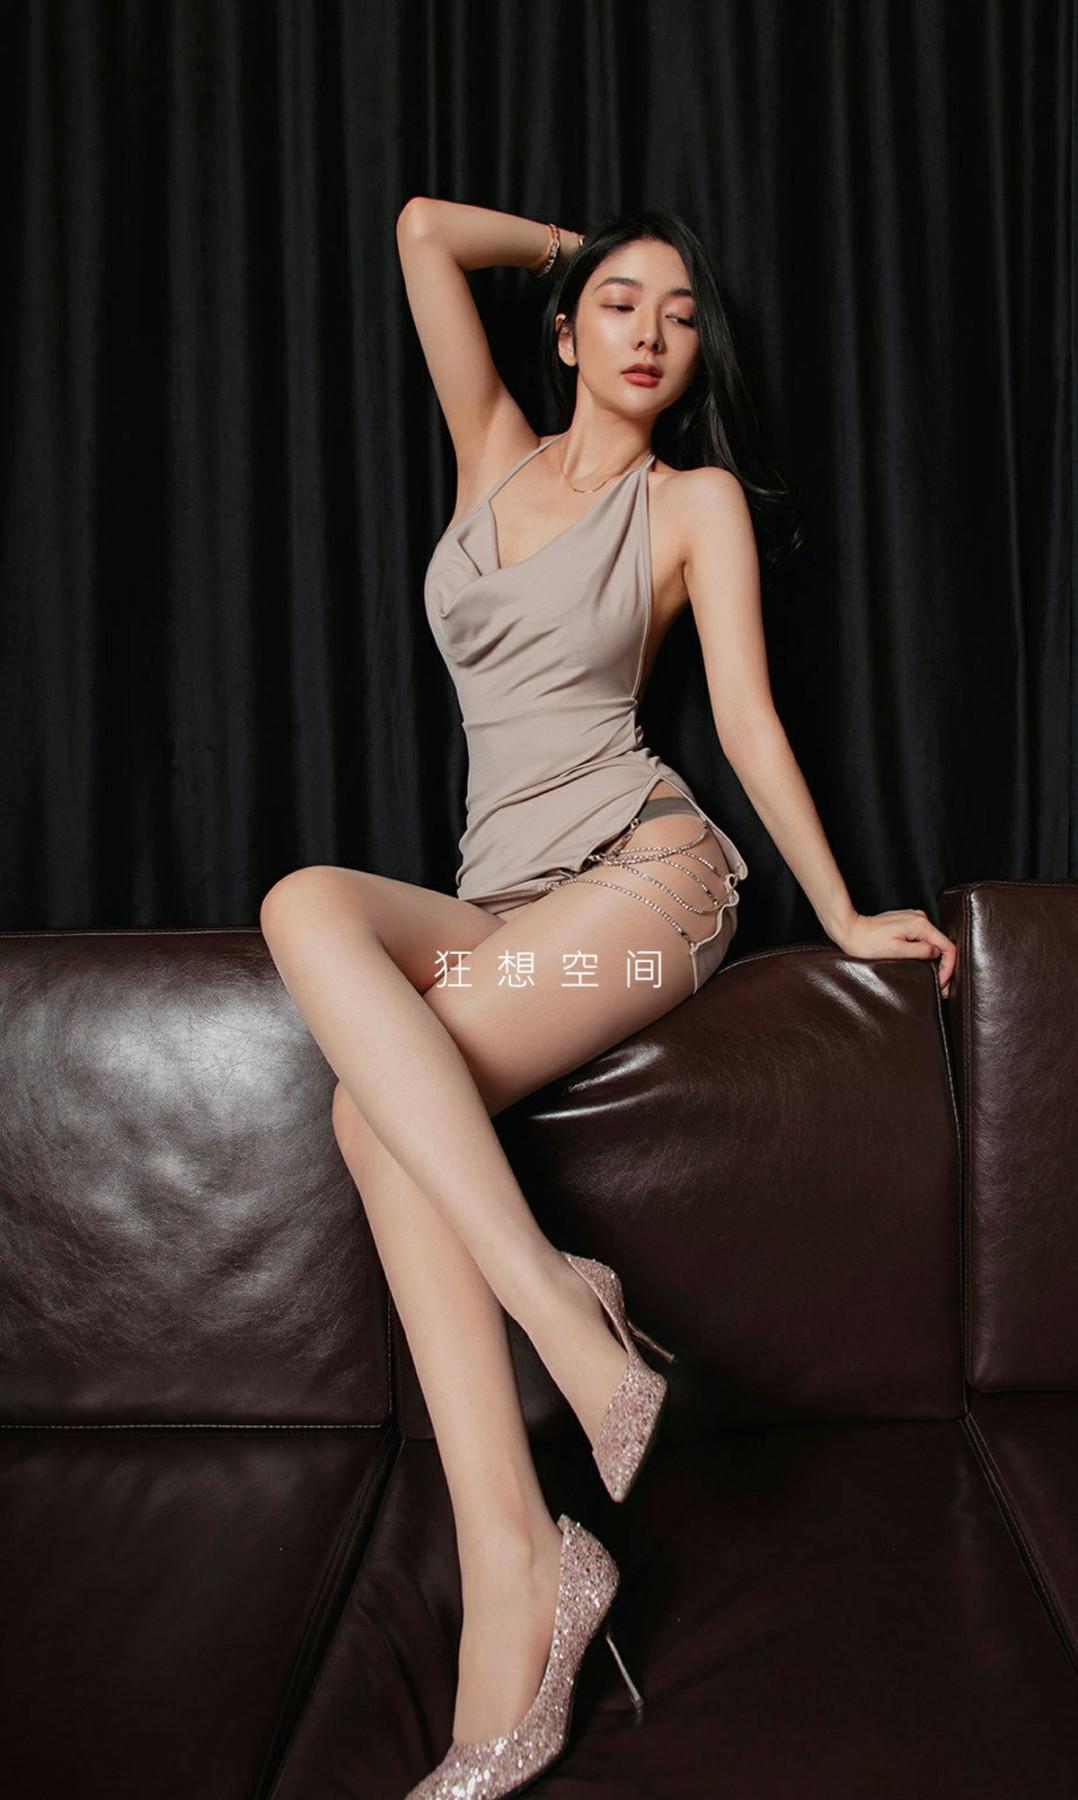 [Ugirls尤果网]爱尤物 2020.05.24 No.1829 Angela小热巴 狂想空间 第4张